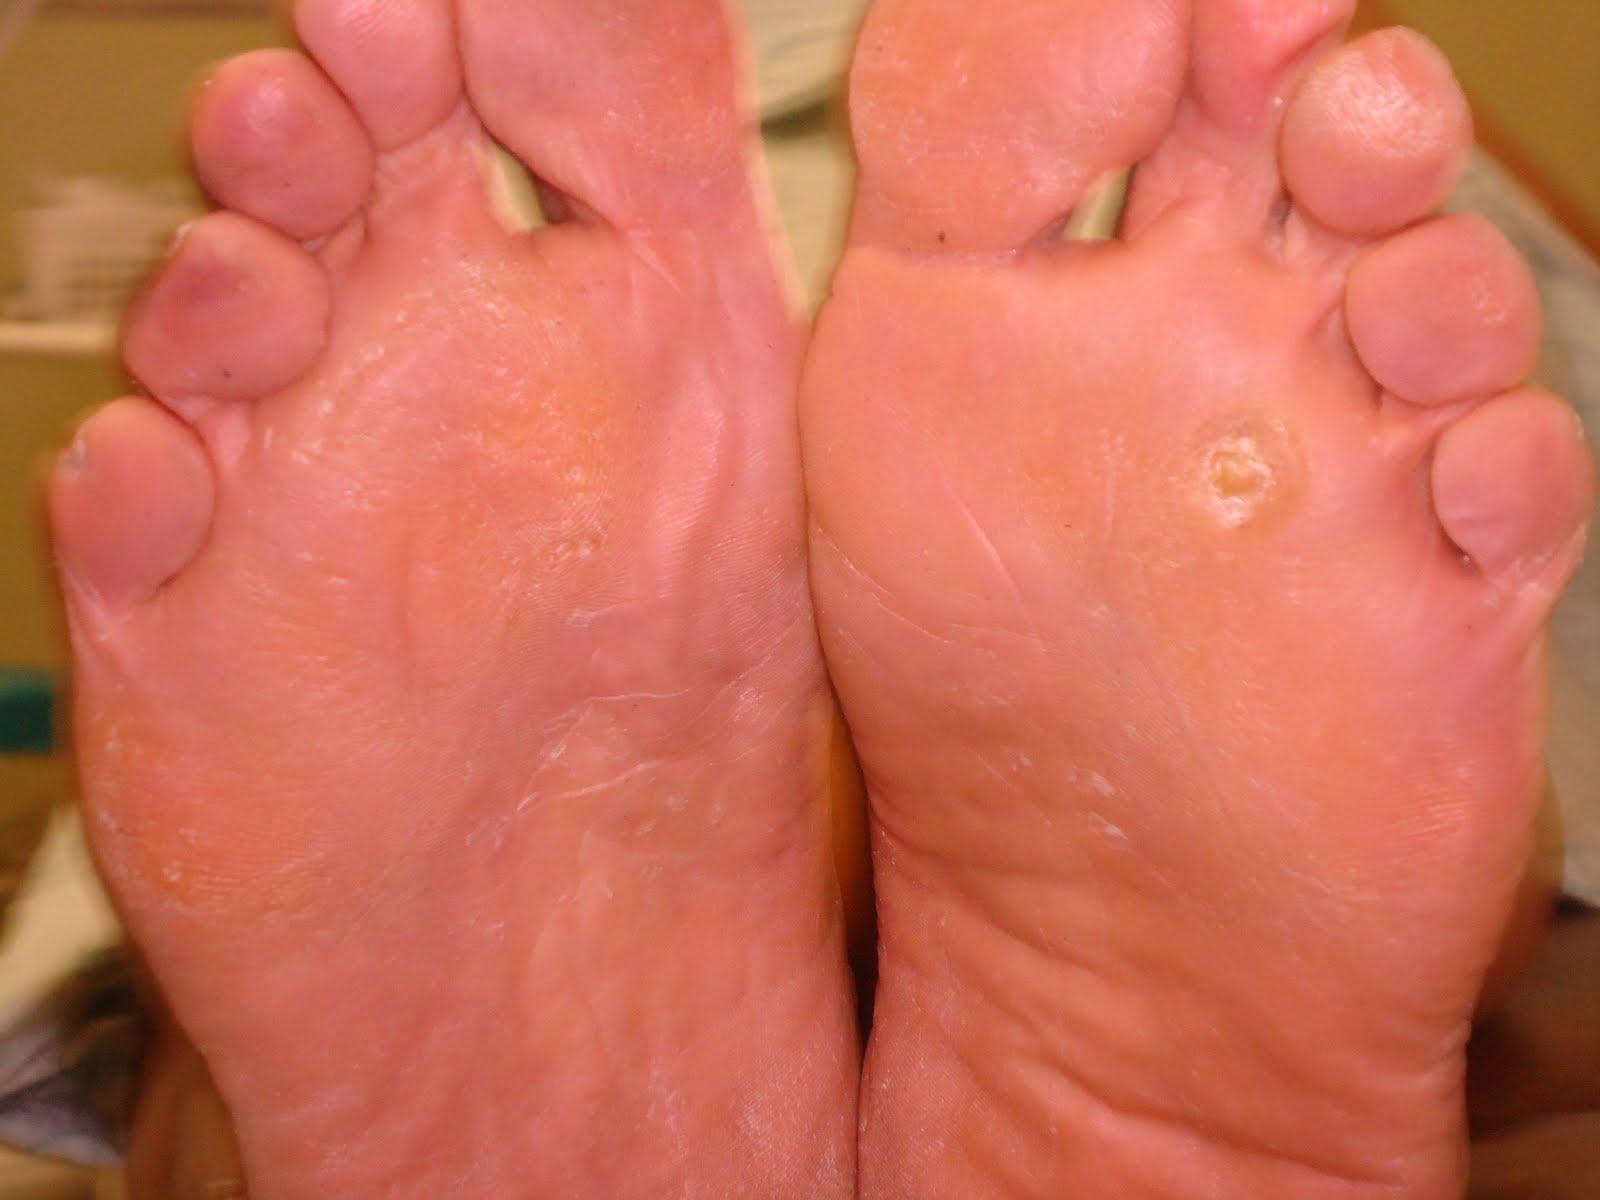 La foto del hongo sobre el alto de los pies